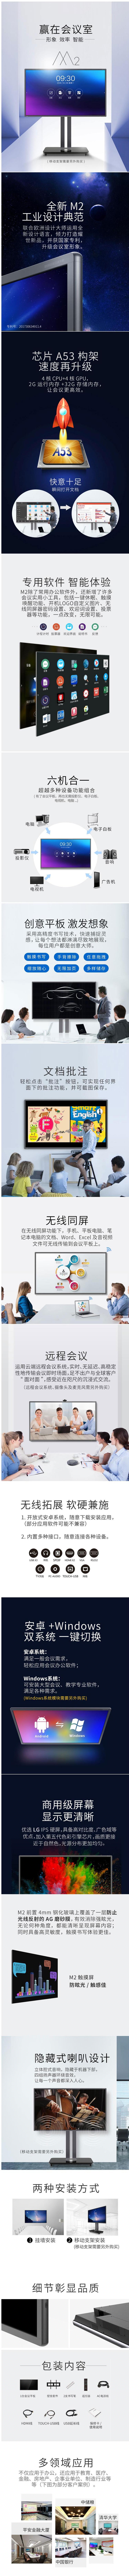 皓丽 55英寸 会议平板 智能电子白板 多媒体教学触屏触摸一体机1